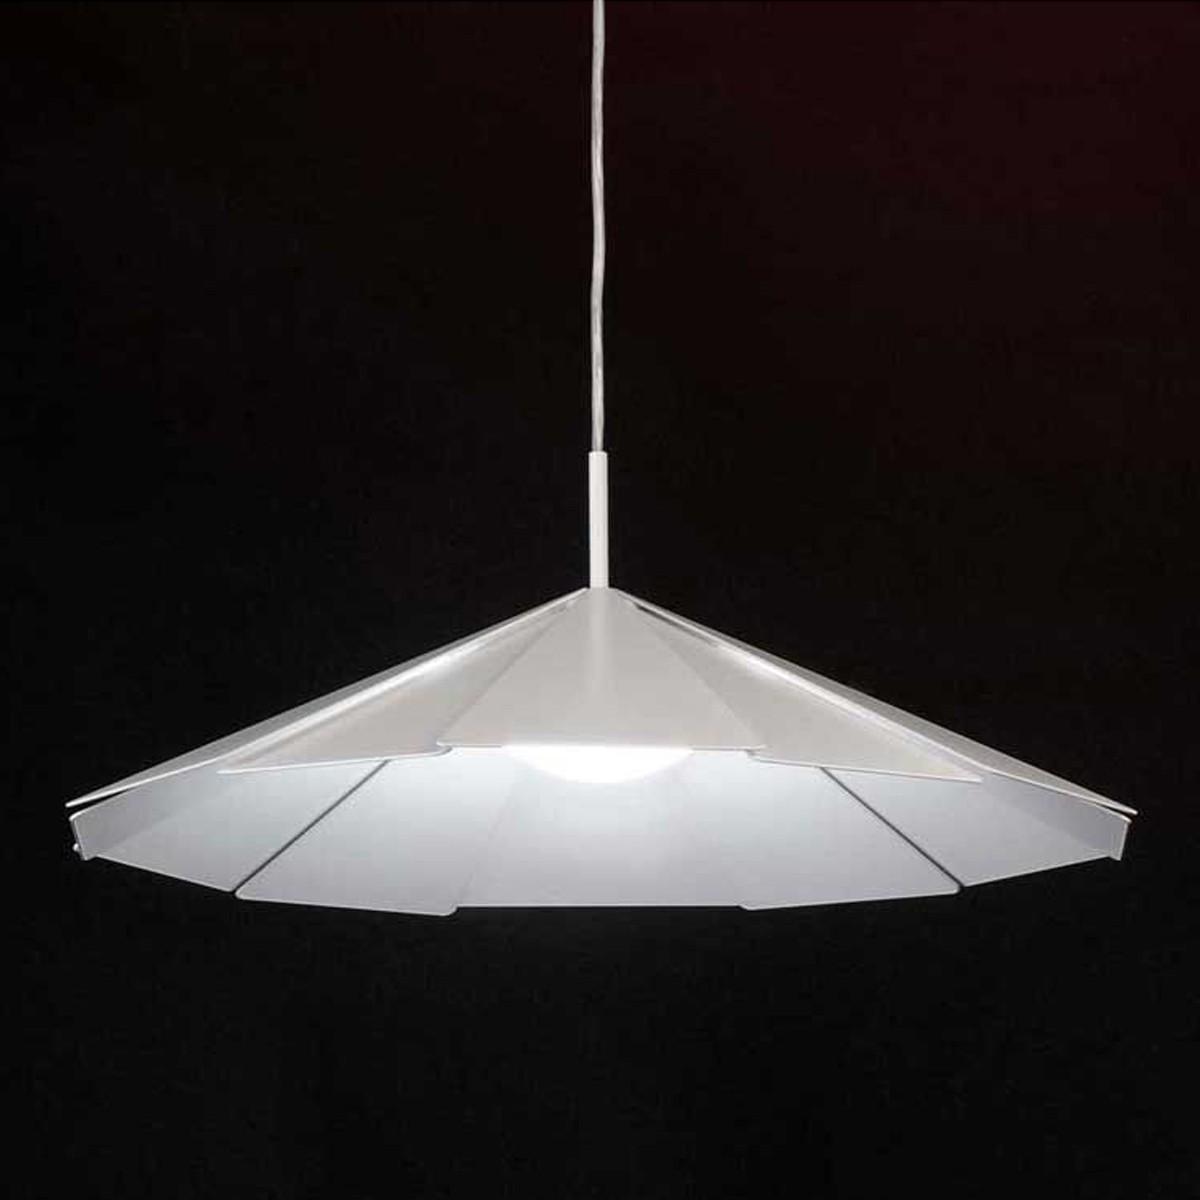 Milan Pam Pendelleuchte, Ø: 50,3 cm, weiß